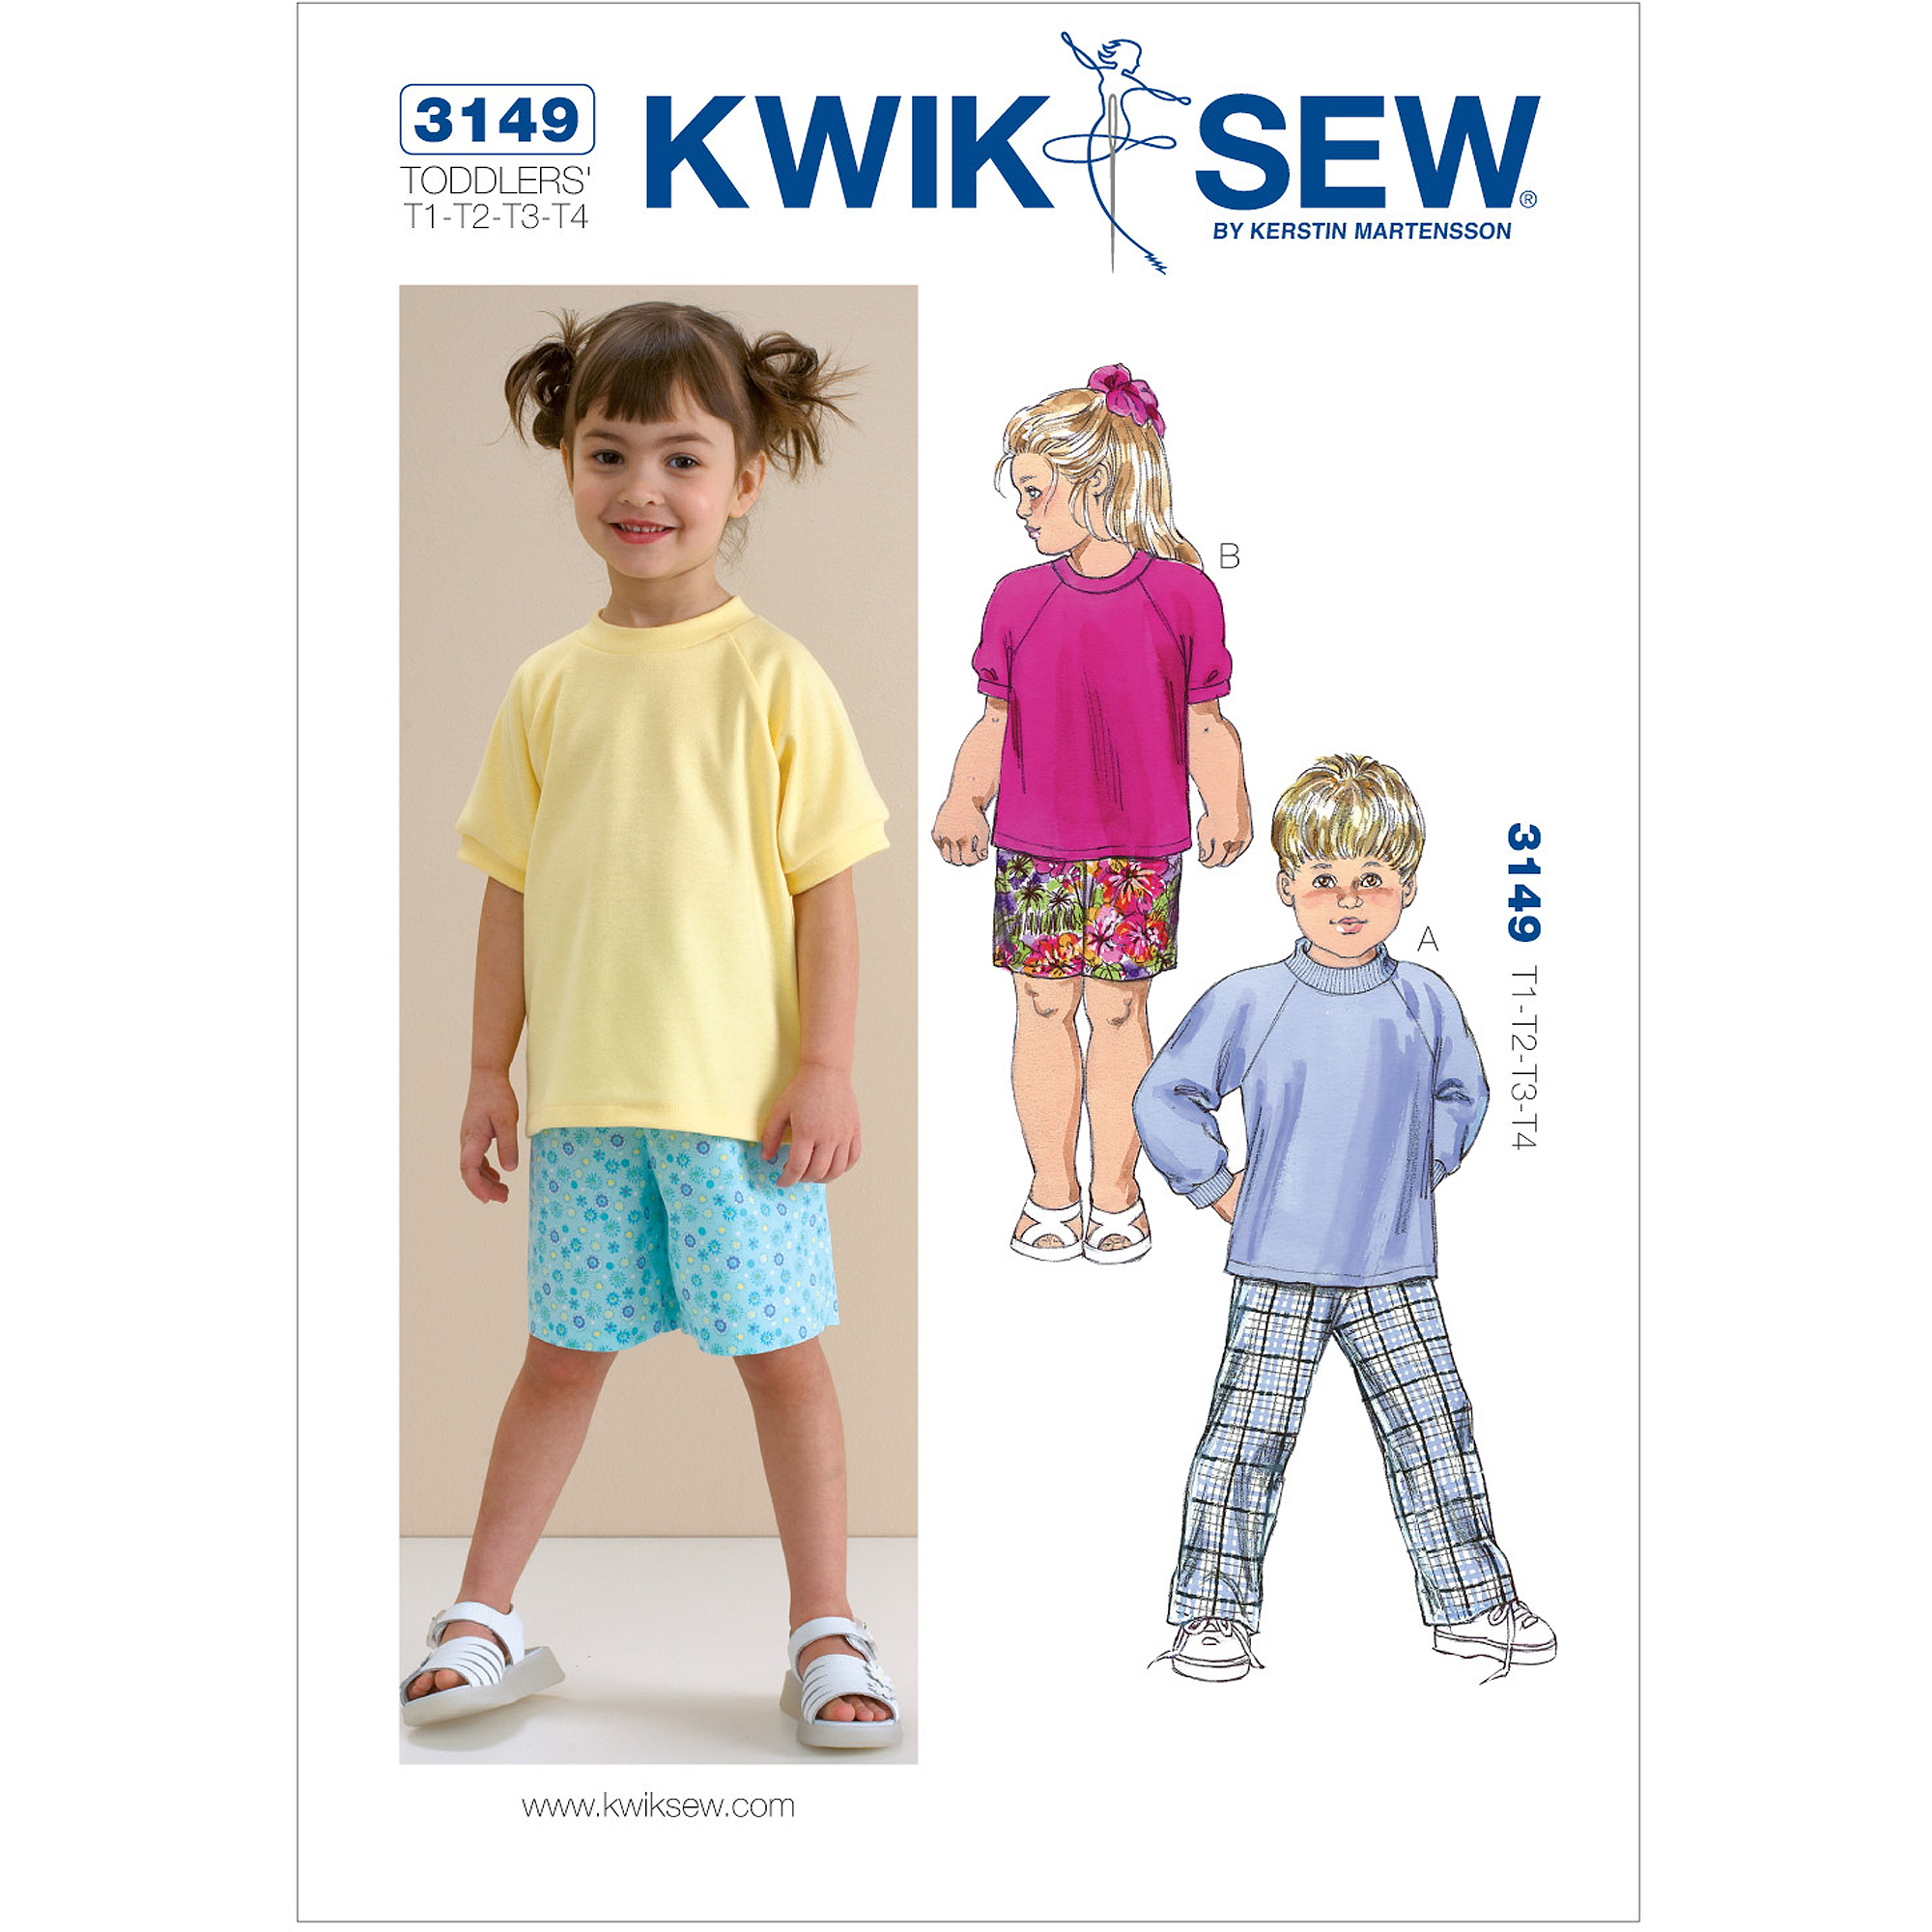 Kwik Sew Pattern Shirts, Pants and Shorts, (T1, T2, T3, T4)